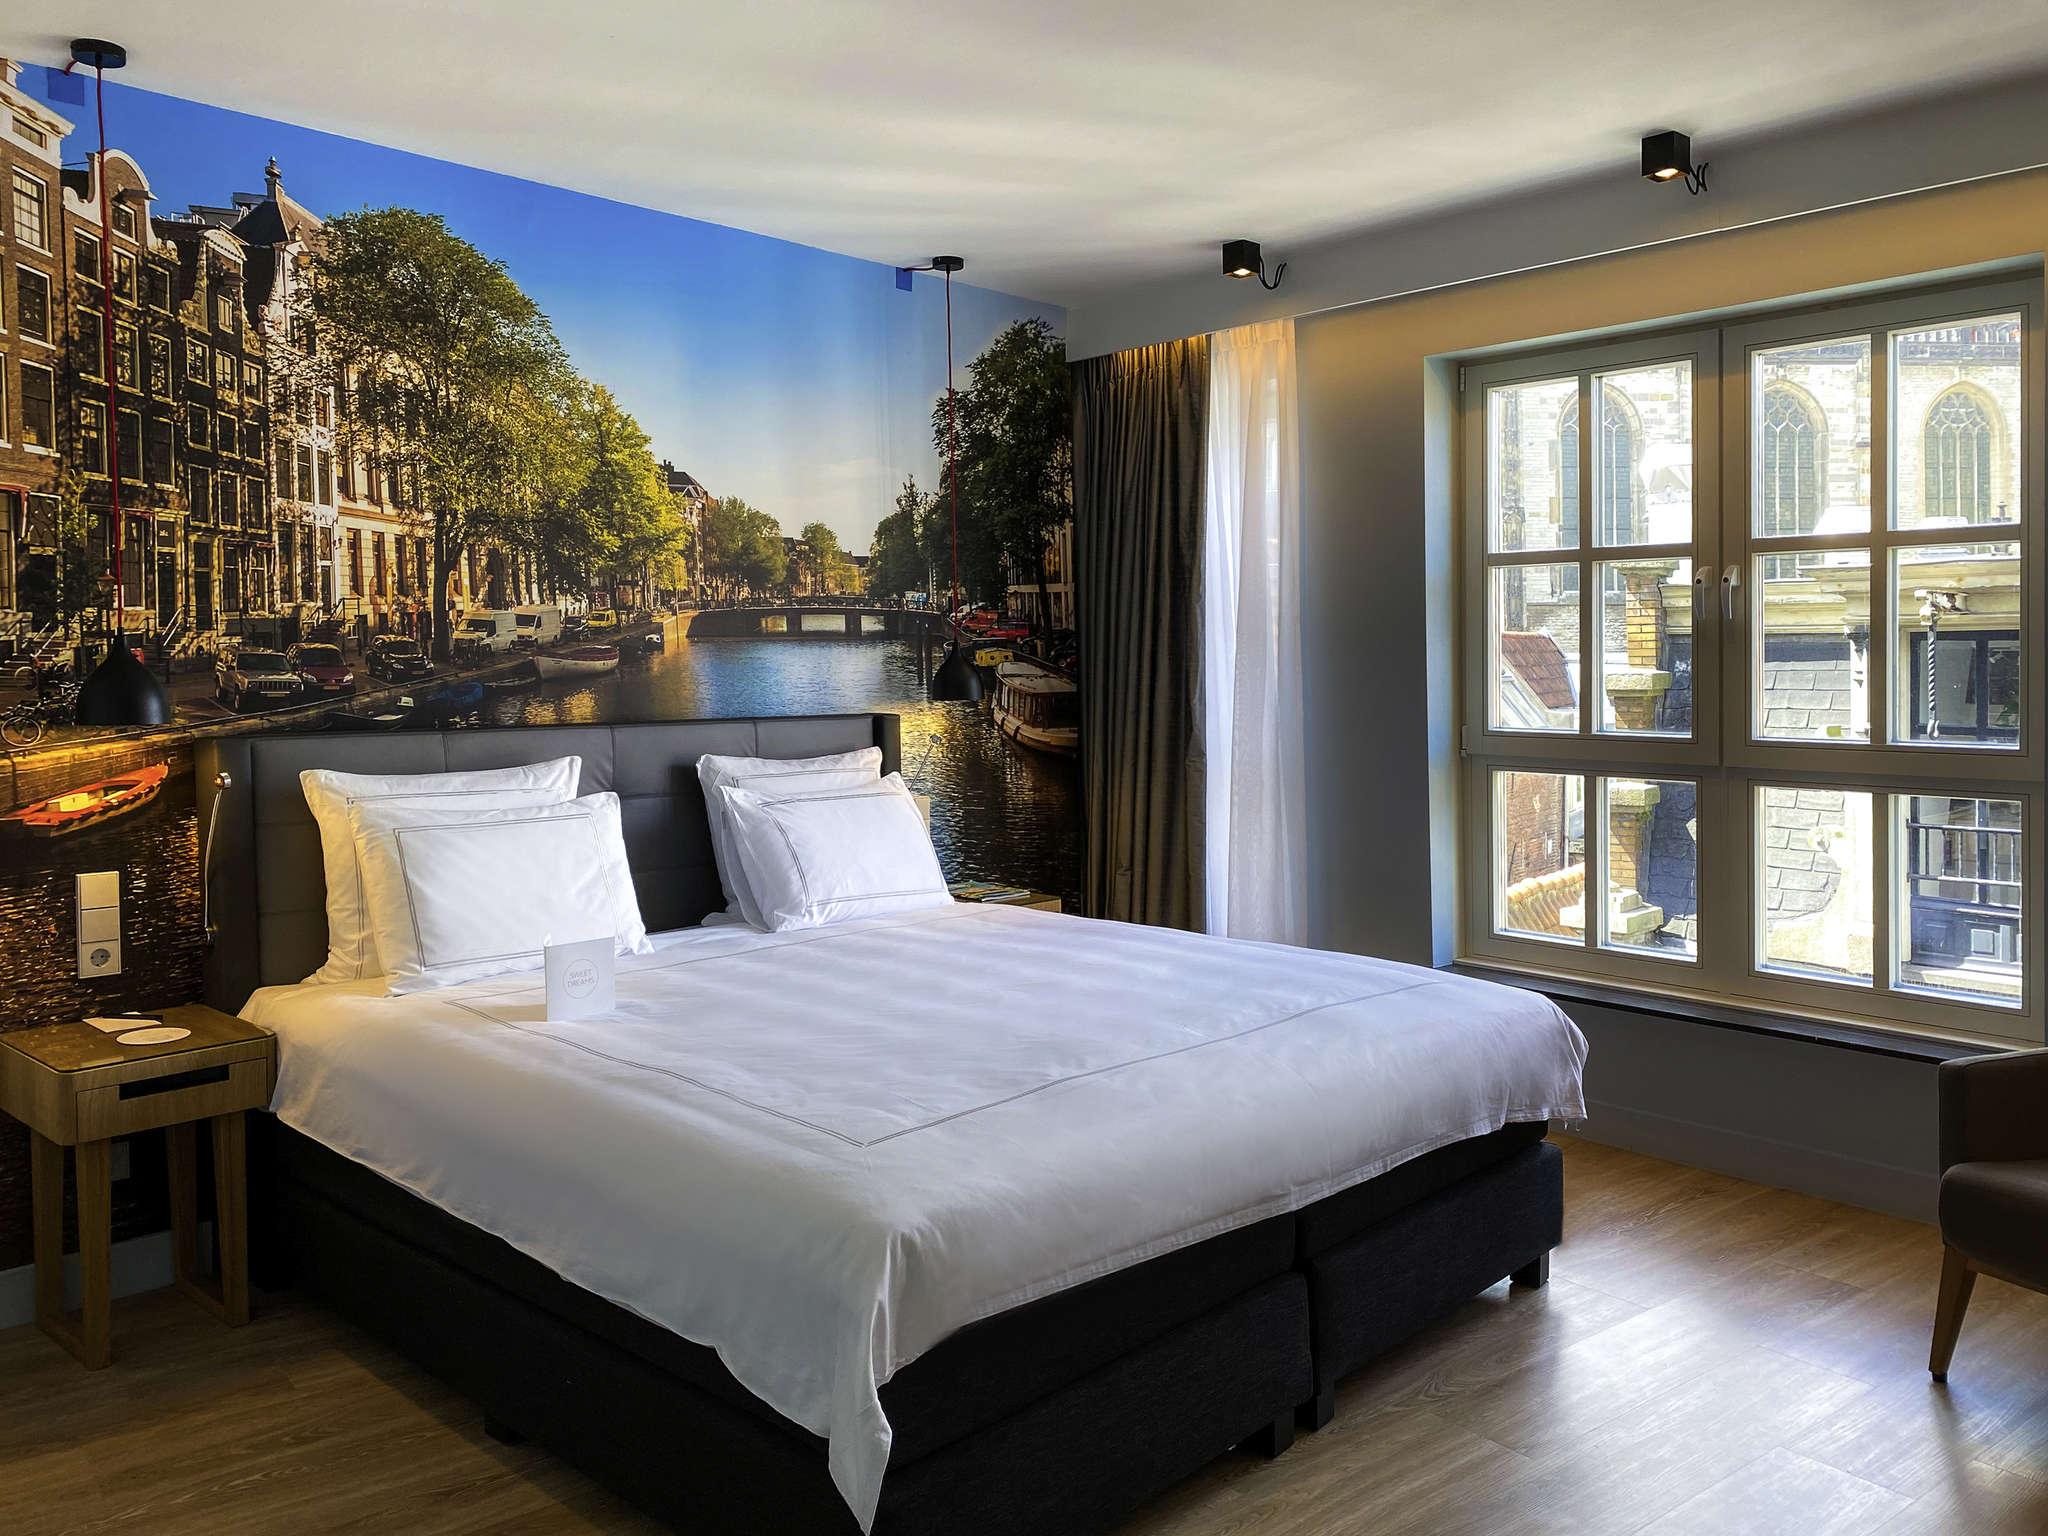 Luxury hotel amsterdam centre swissotel near dam square for Hotel amsterdam economici piazza dam